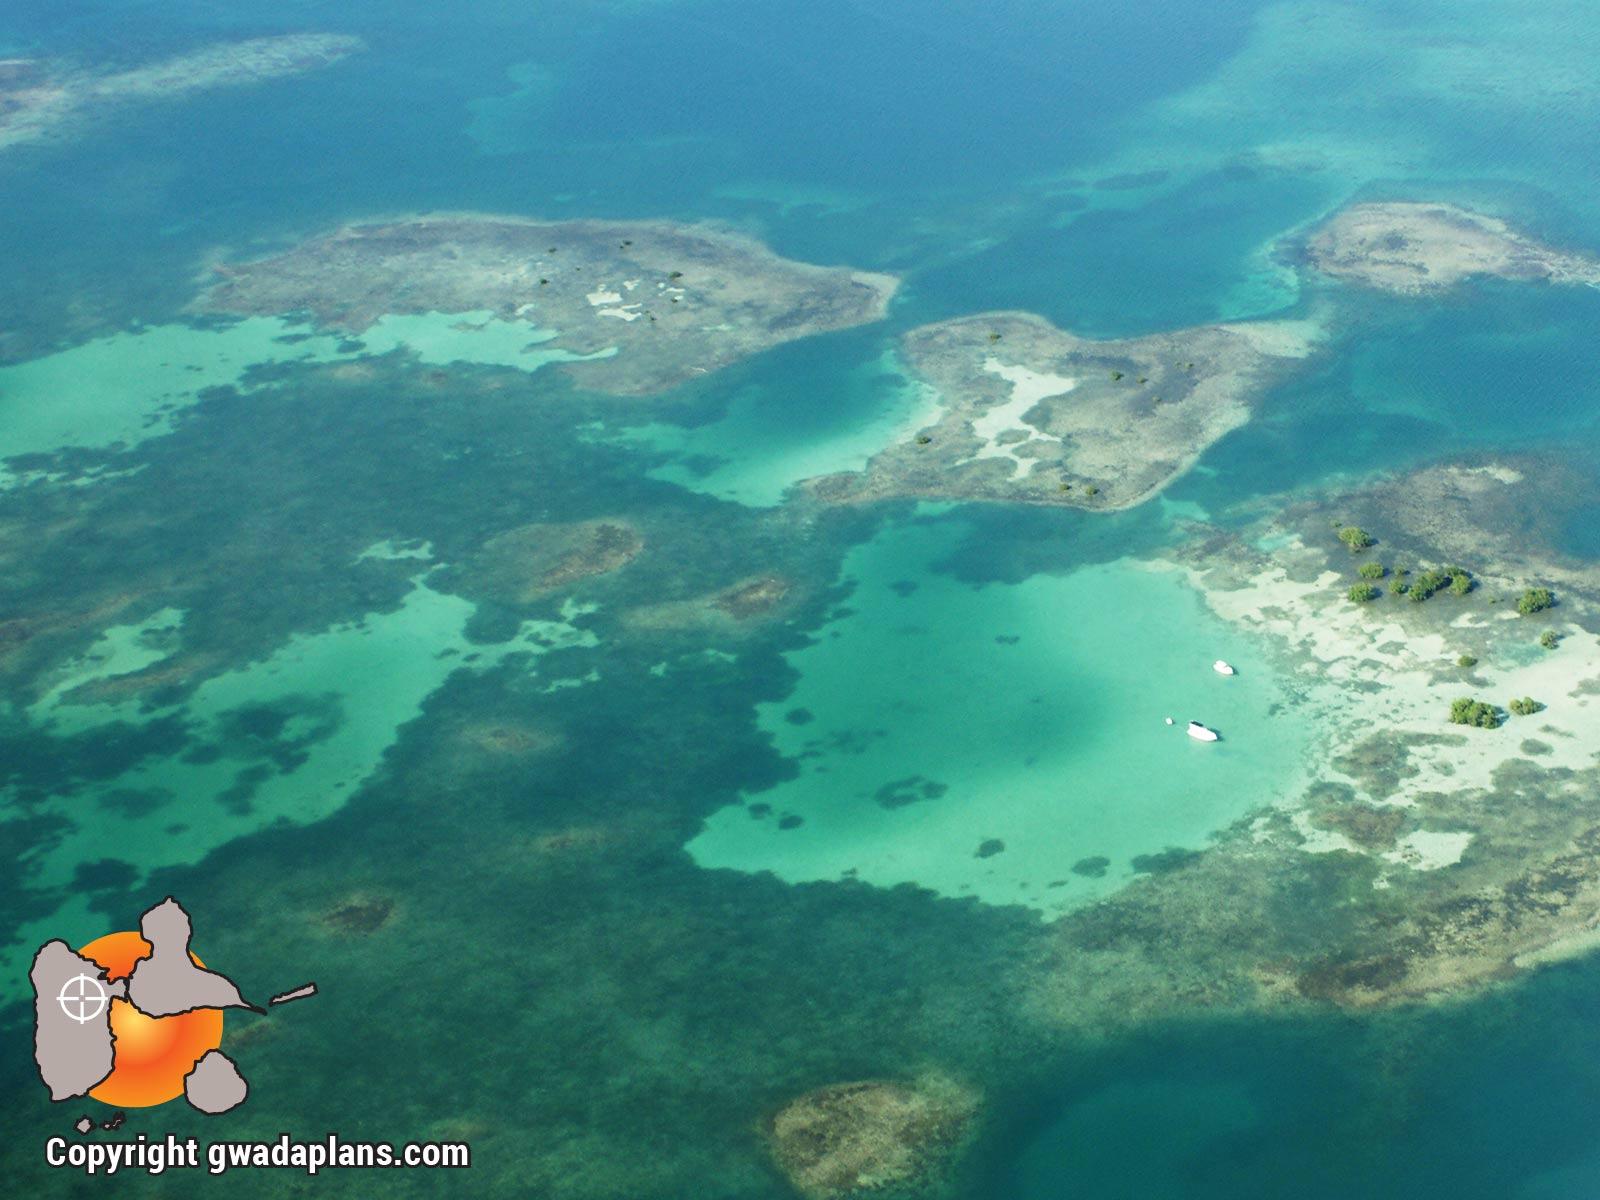 La réserve marine vue du ciel